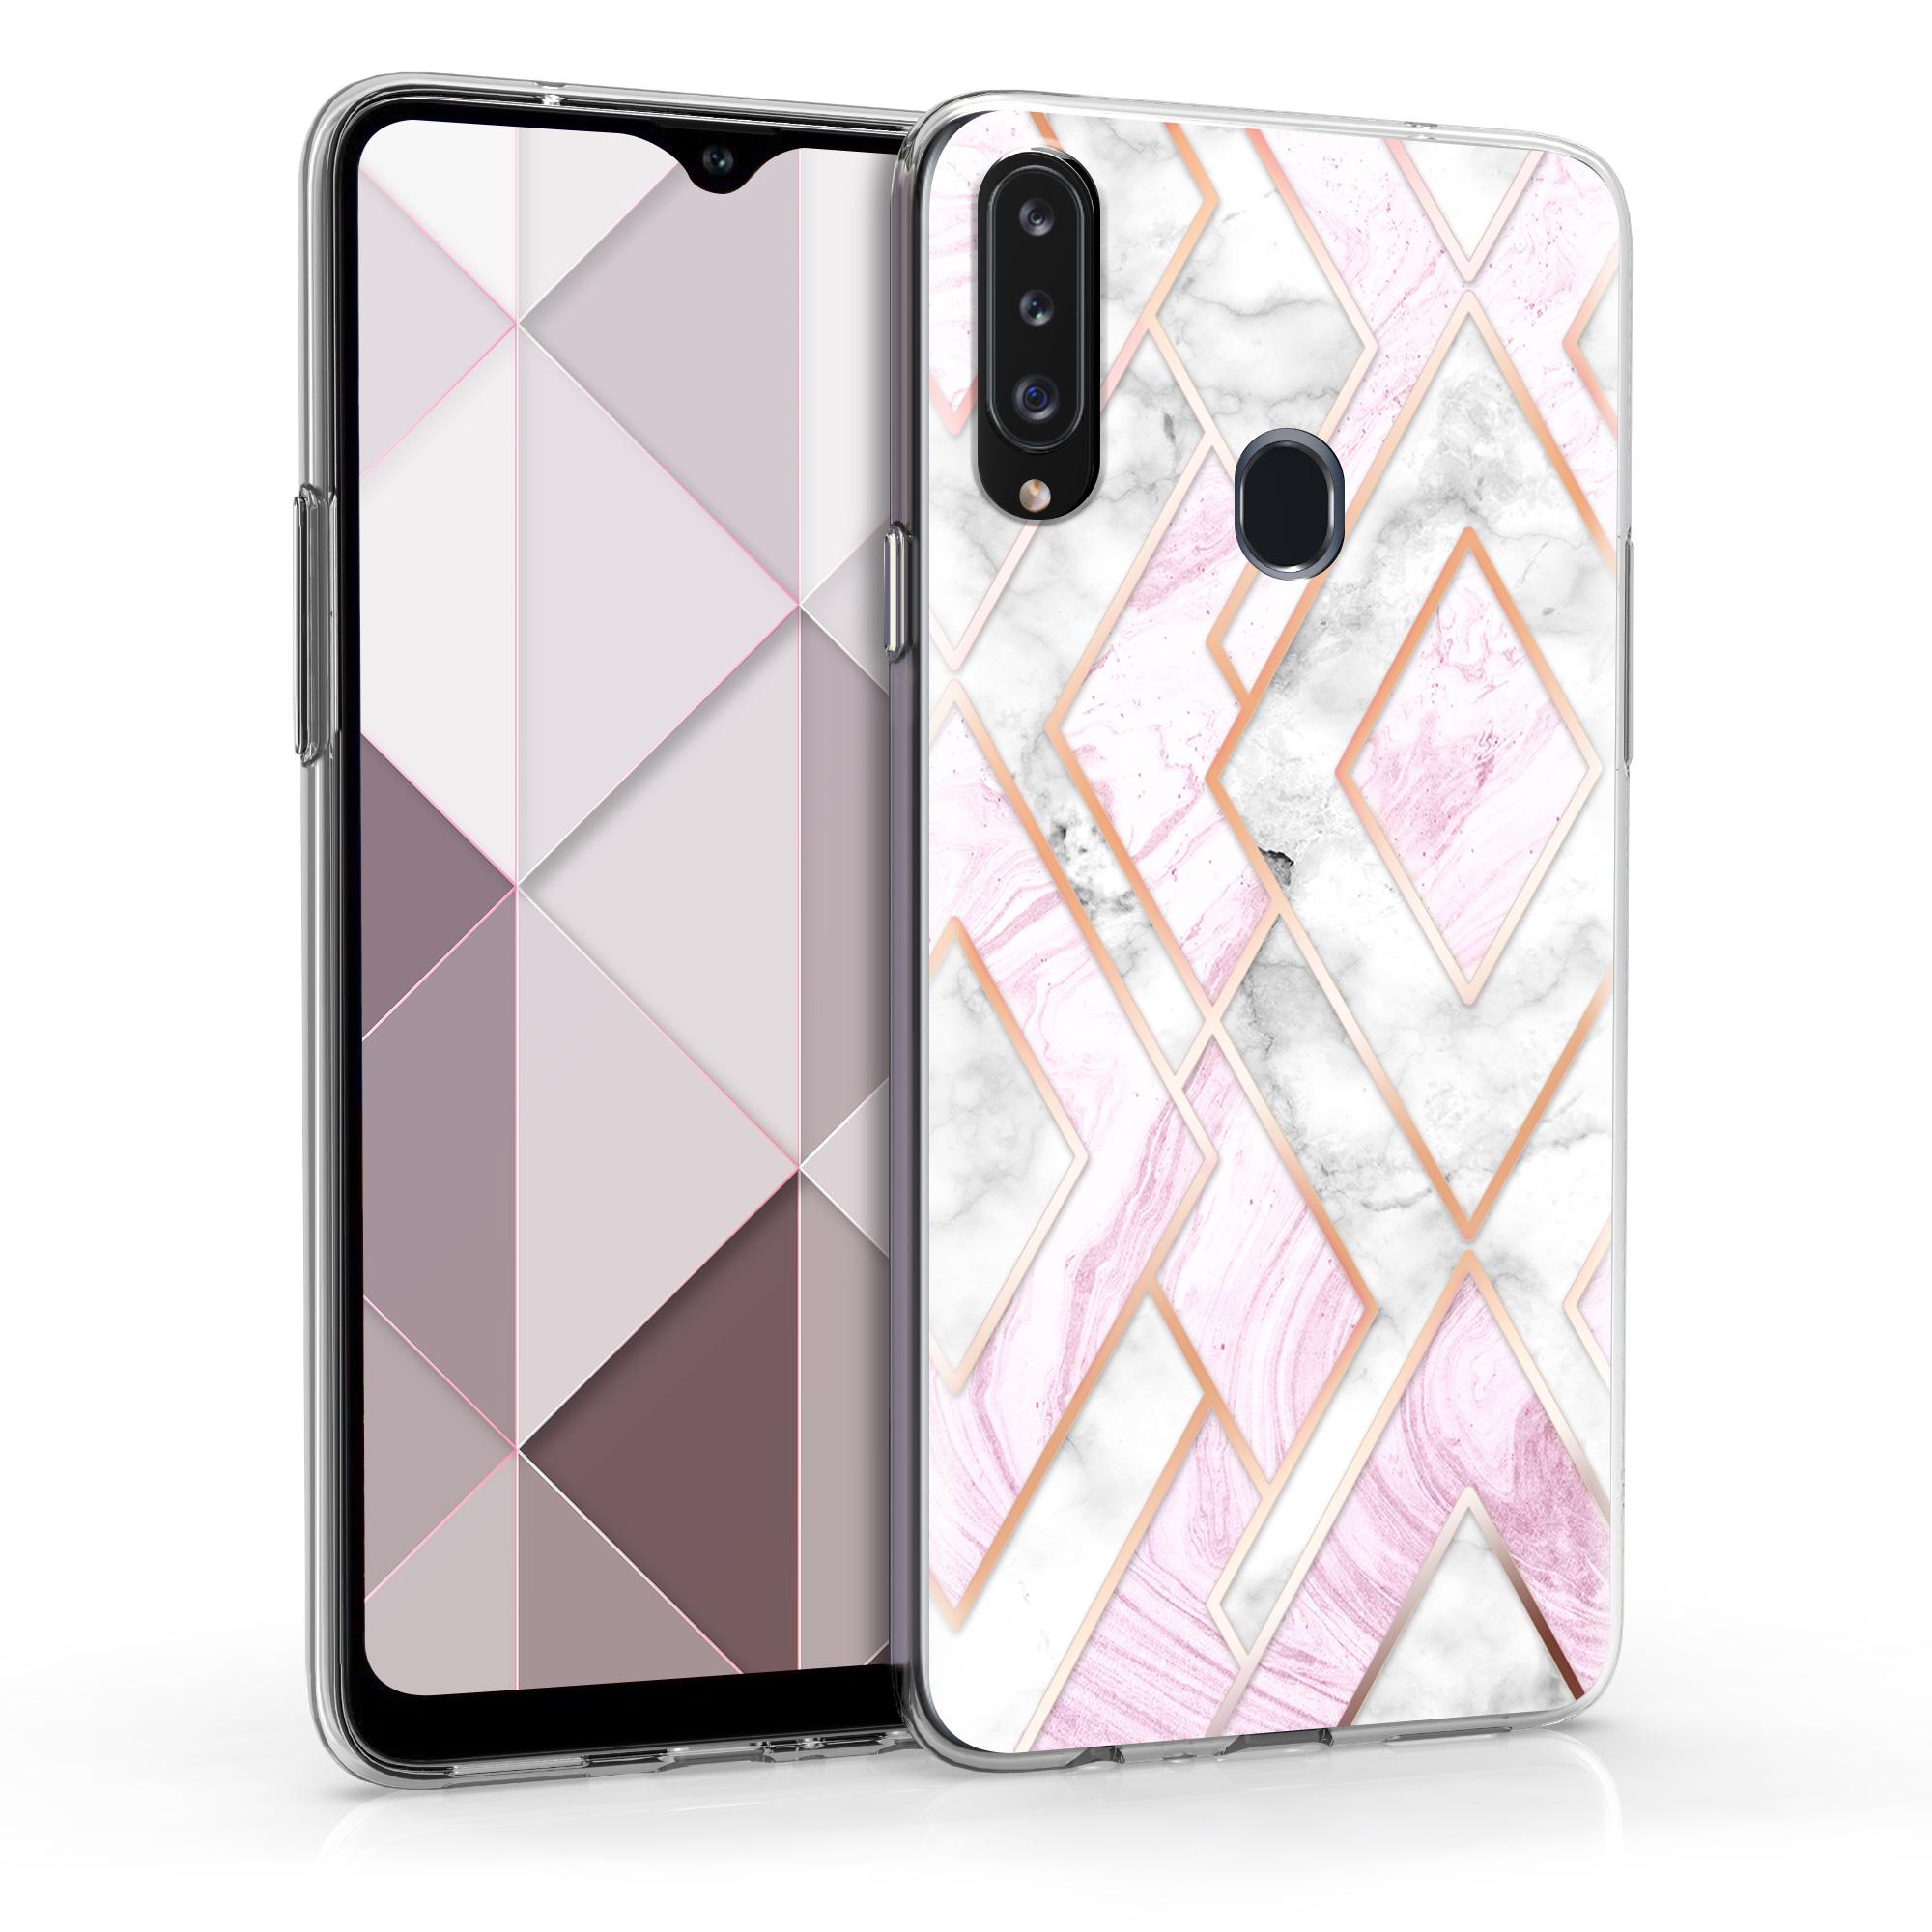 Kvalitní silikonové TPU pouzdro pro Samsung A20s - Glory Mix 2 Rose Gold / White / Pink Dusty